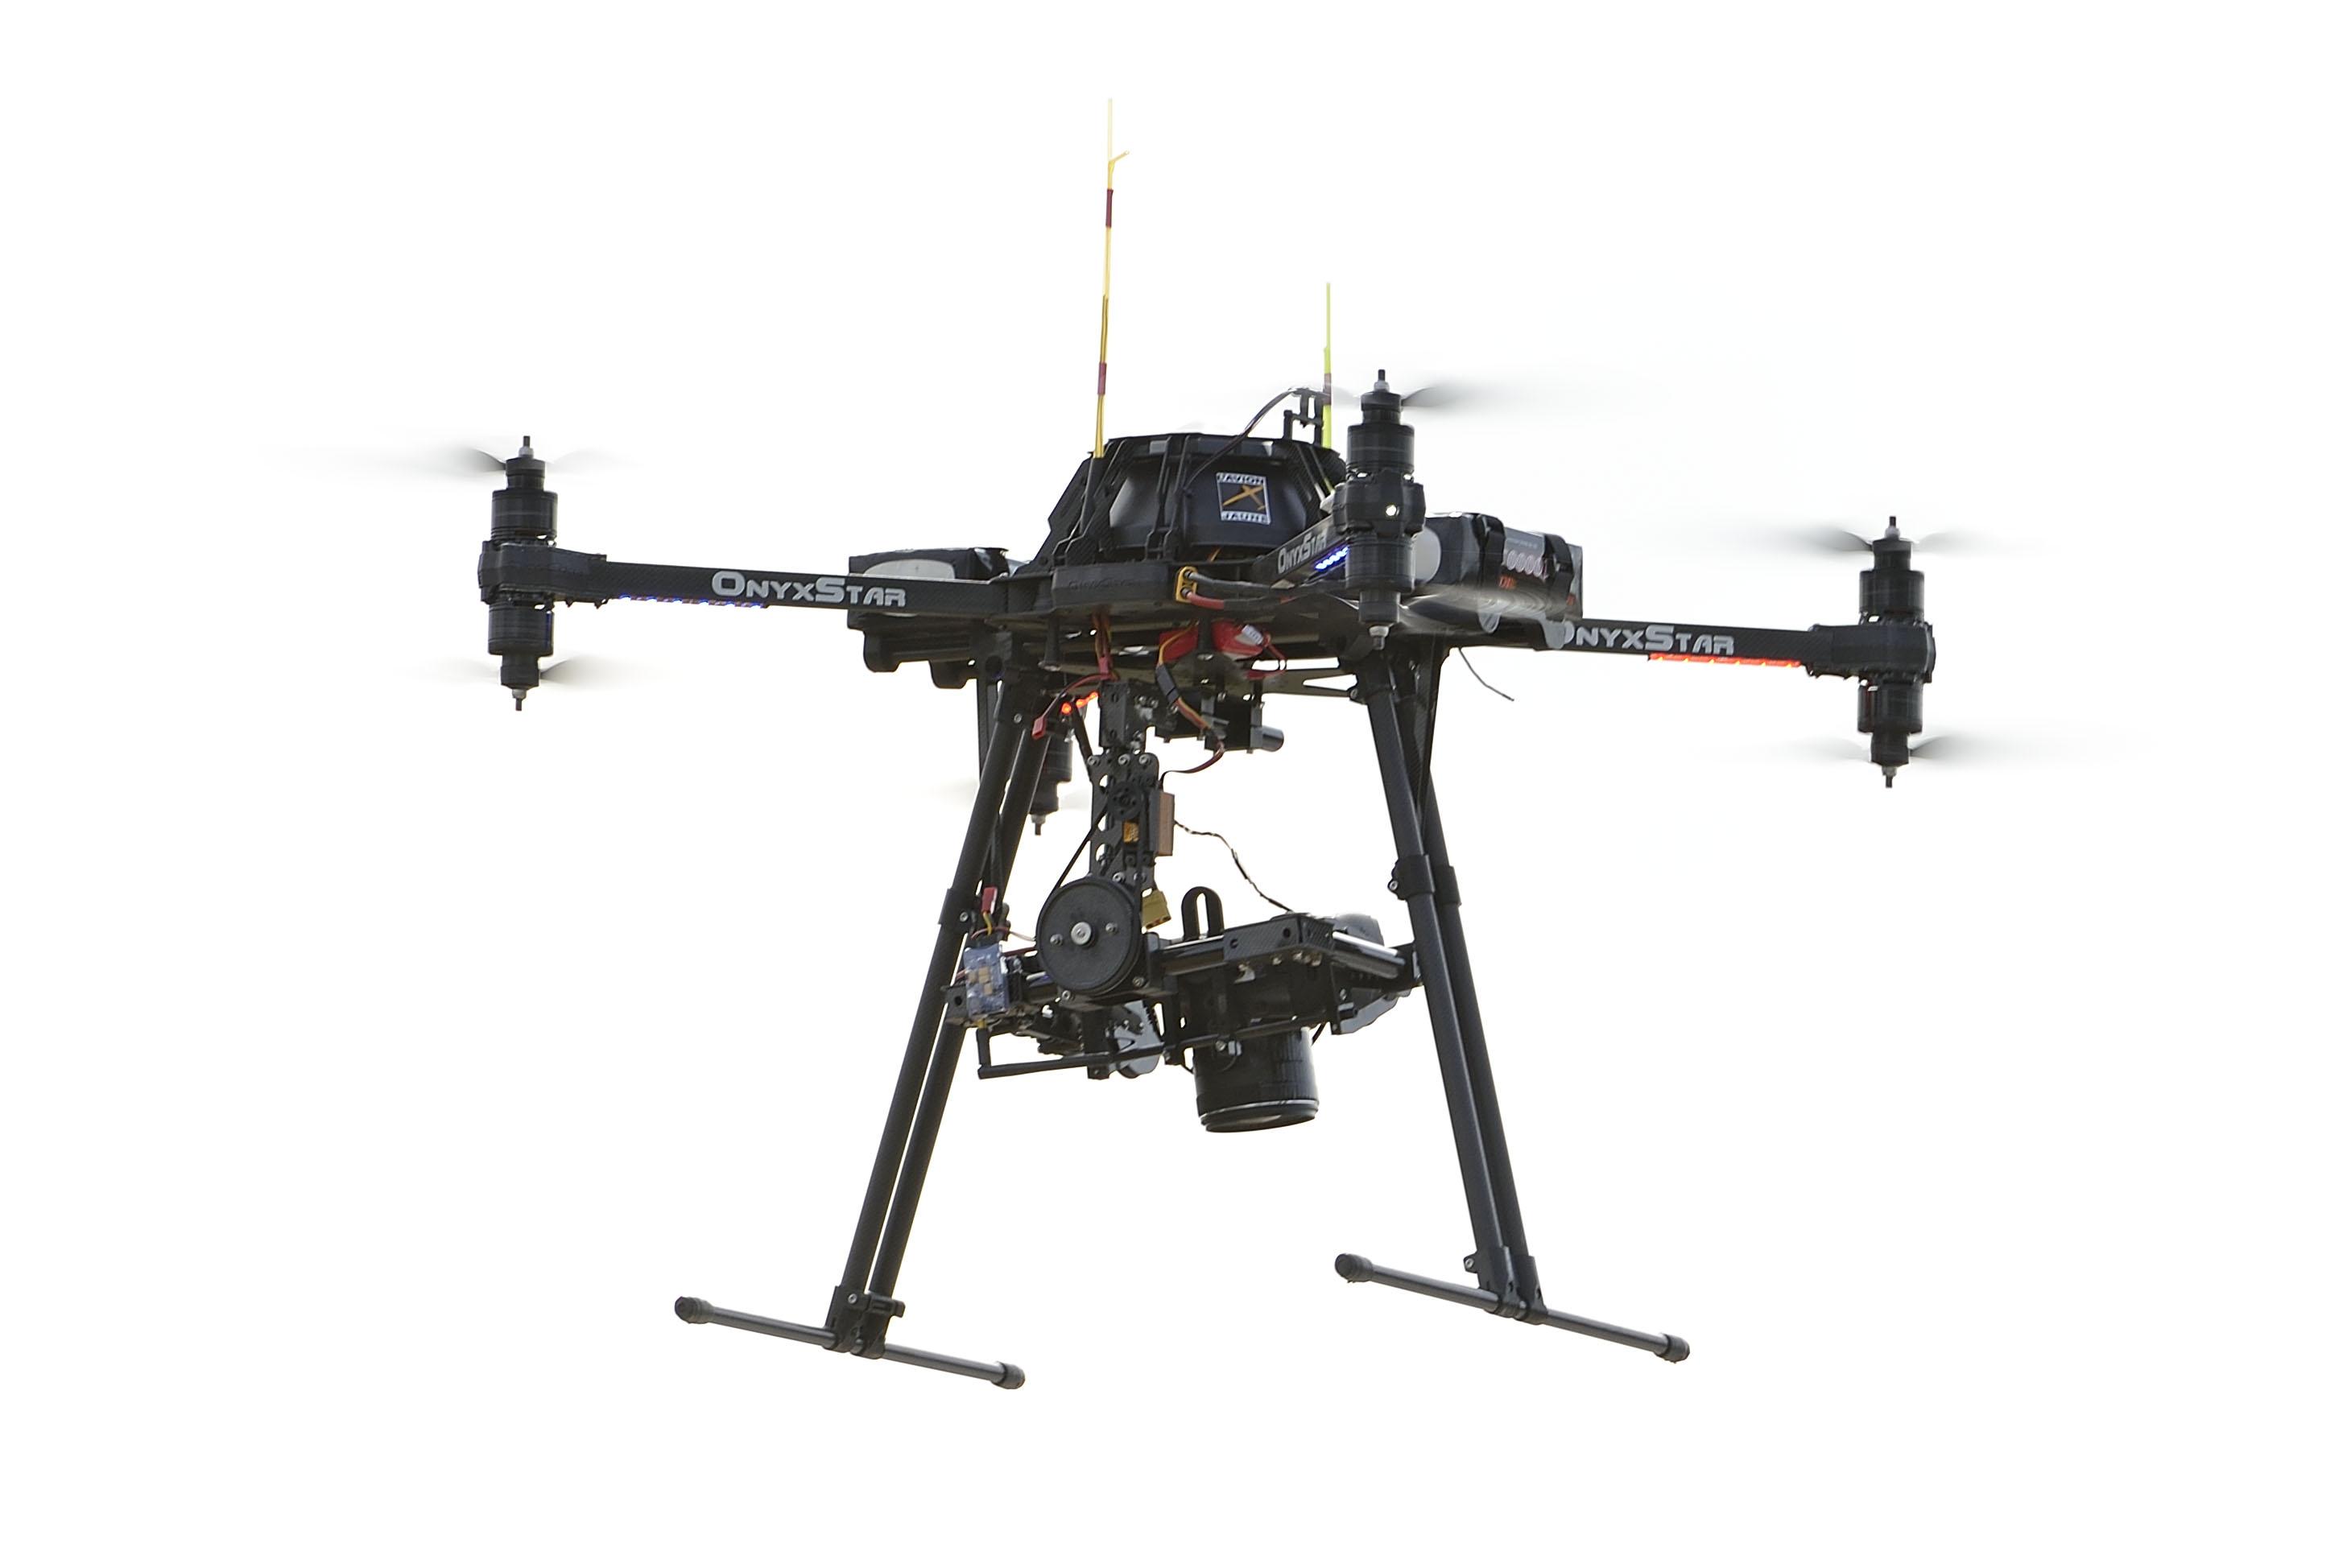 Drone OnyxStar Fox C8-HD